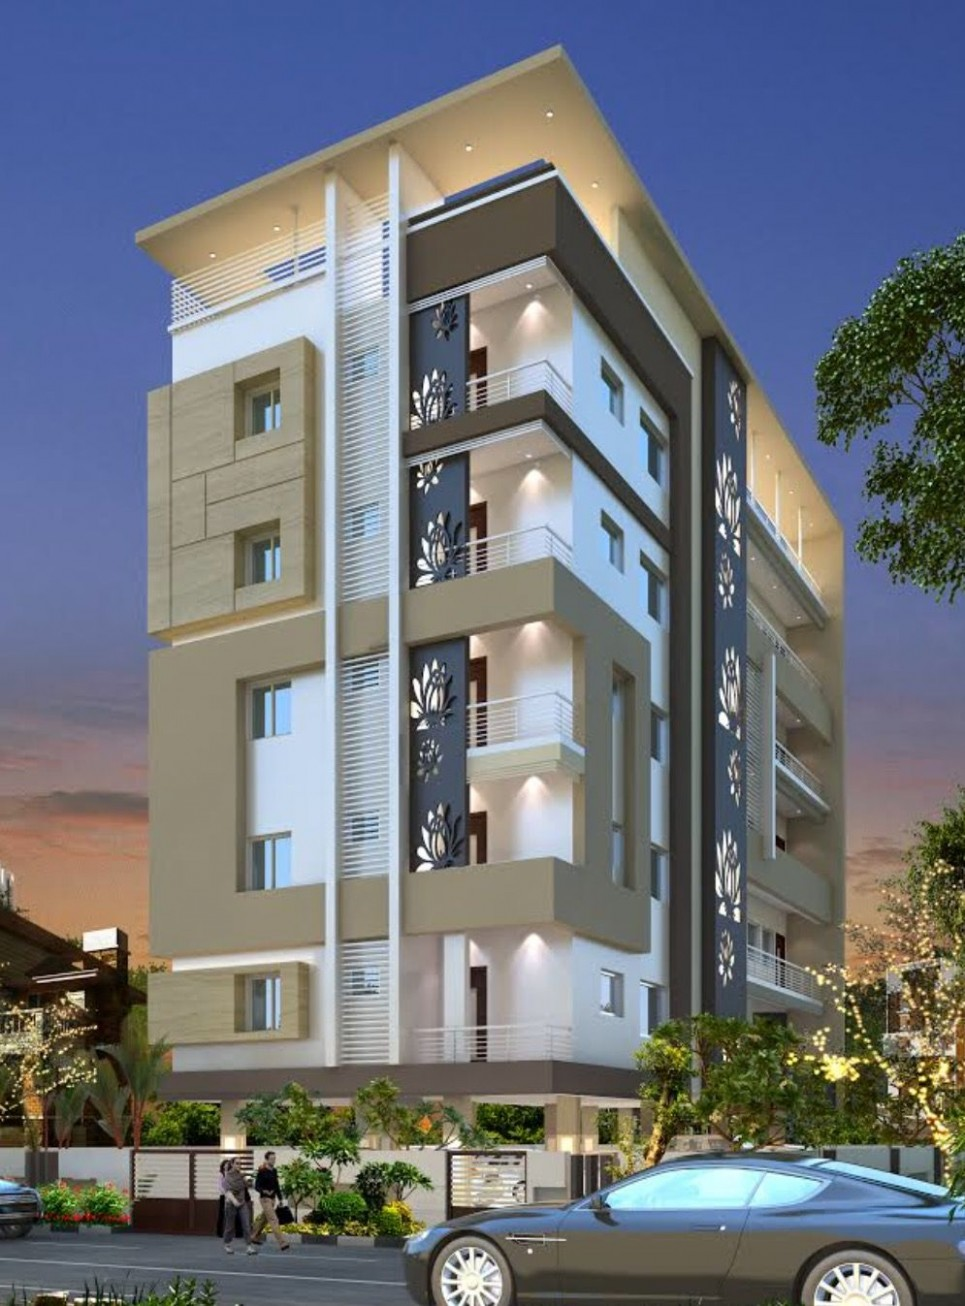 12+ Best apartments facades images  facade architecture, facade  - Apartment Design Facade